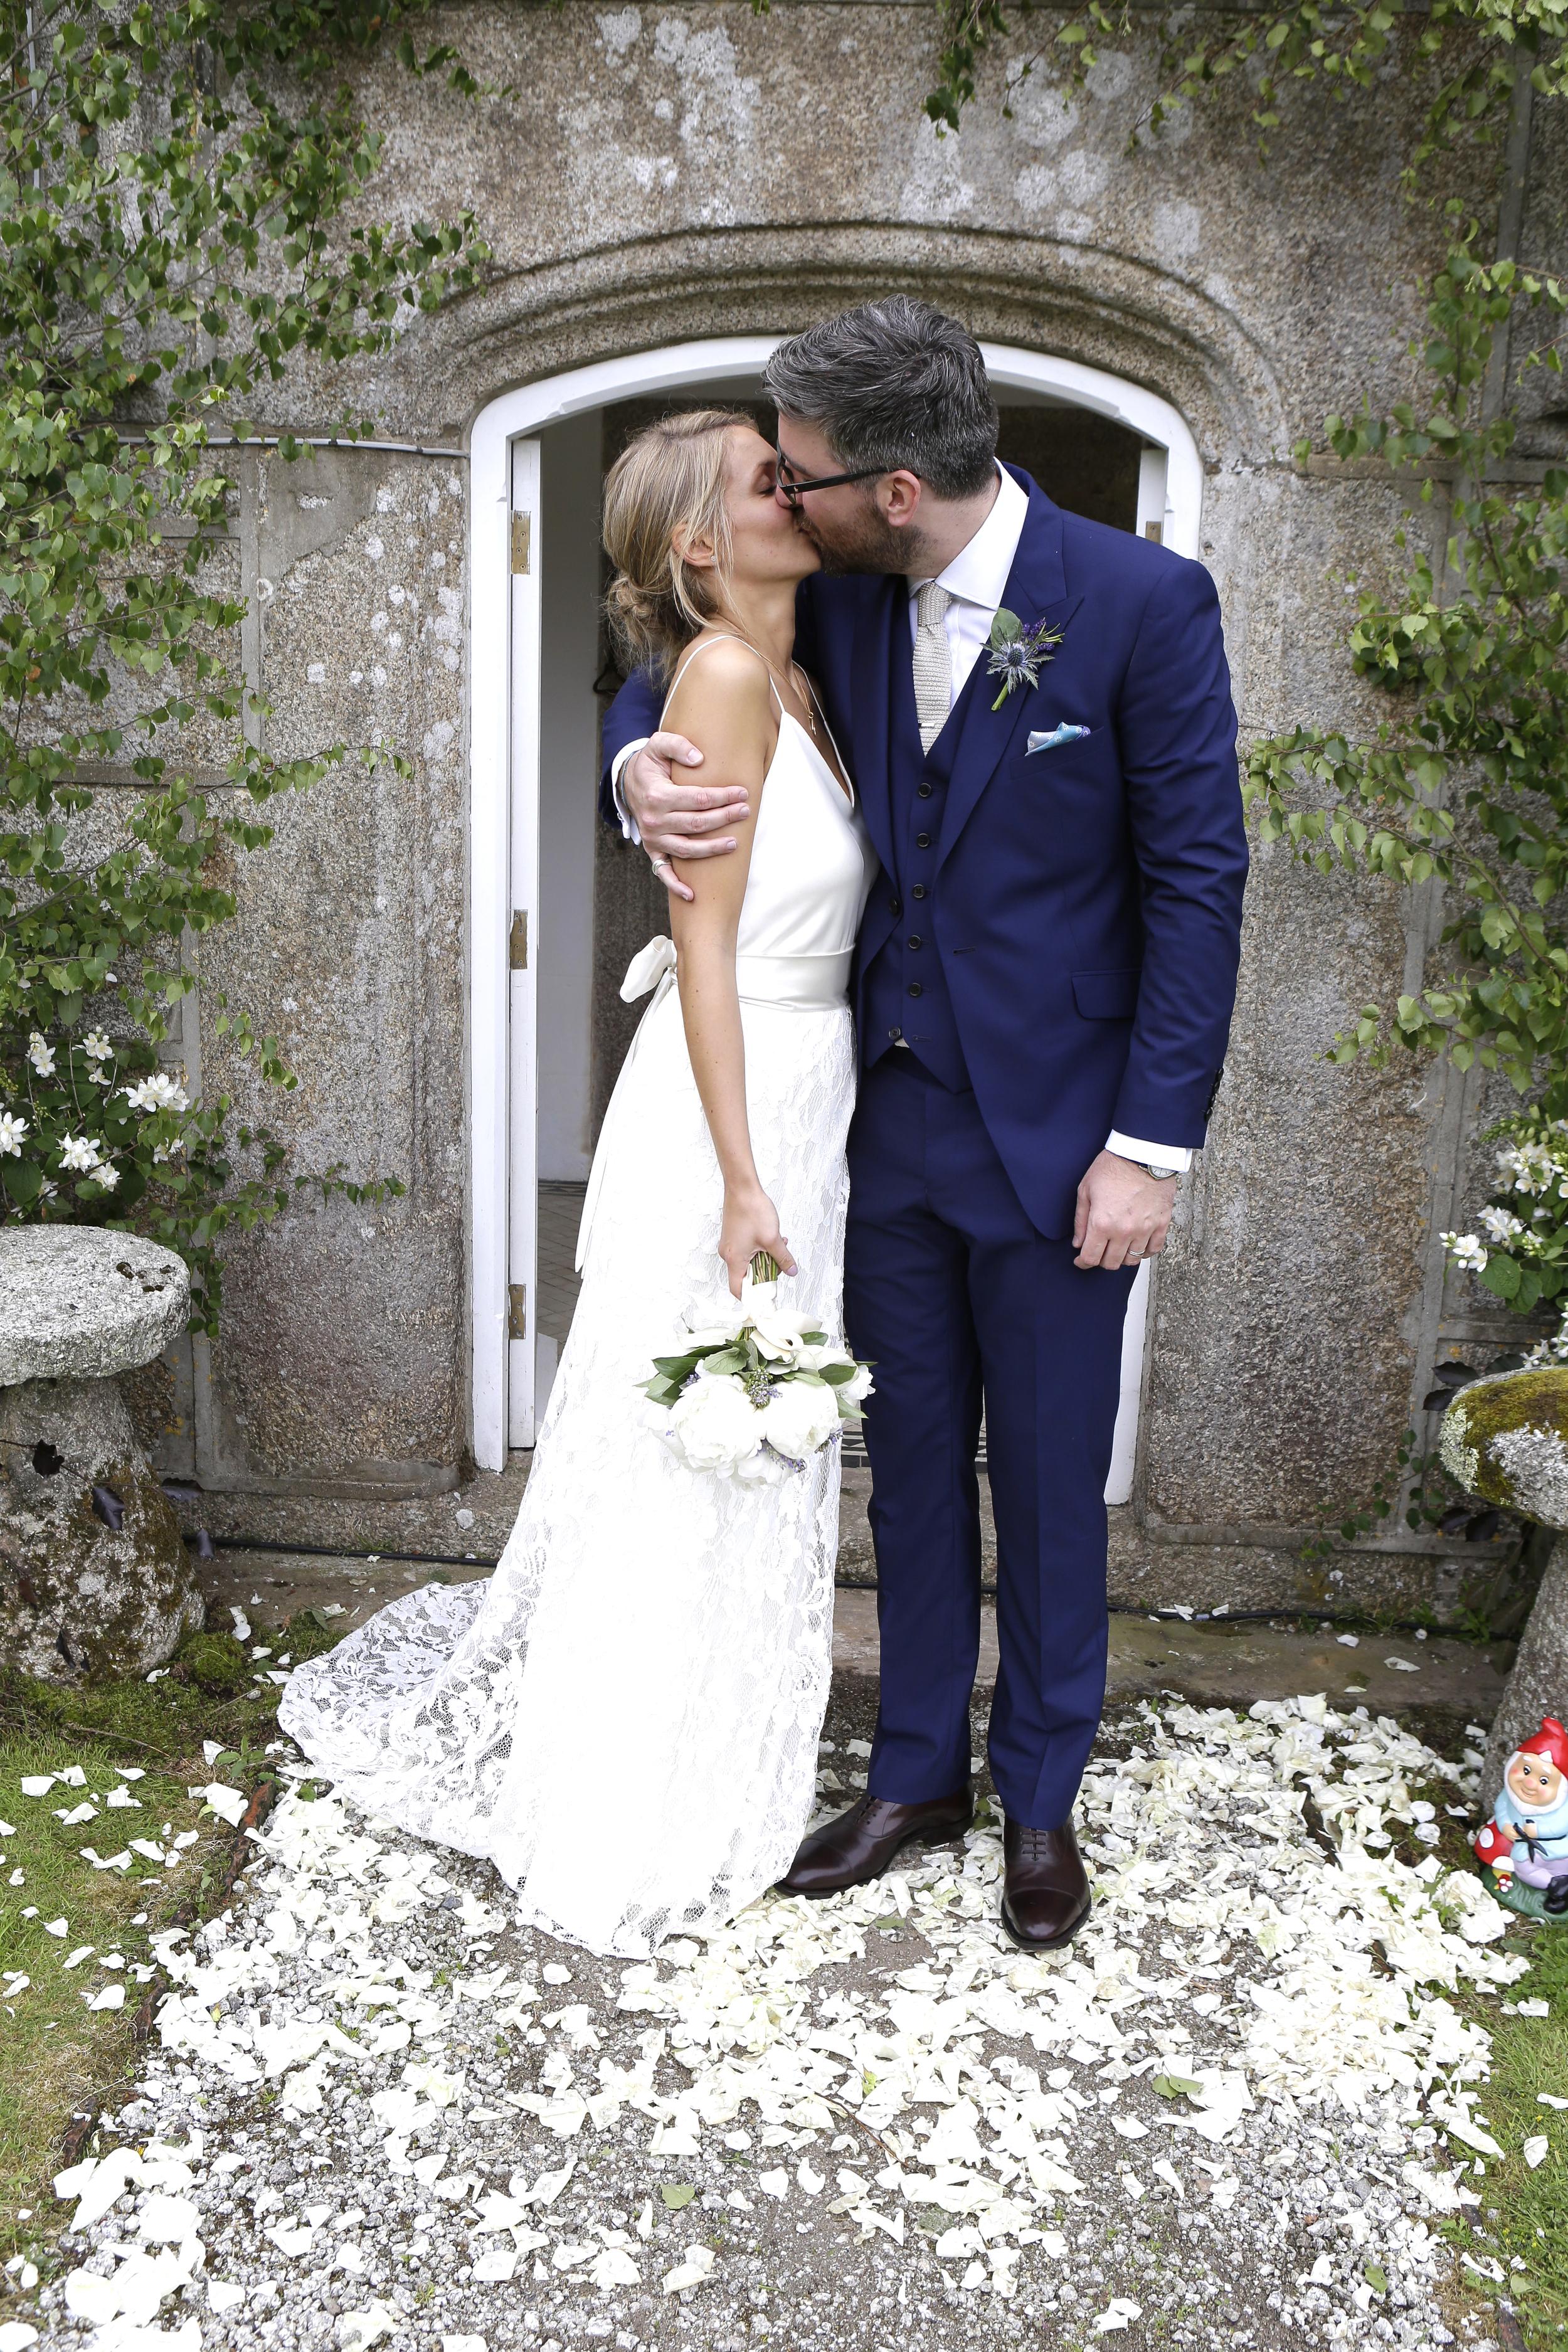 Beautiful bride Millie wears a wedding dress by Halfpenny London